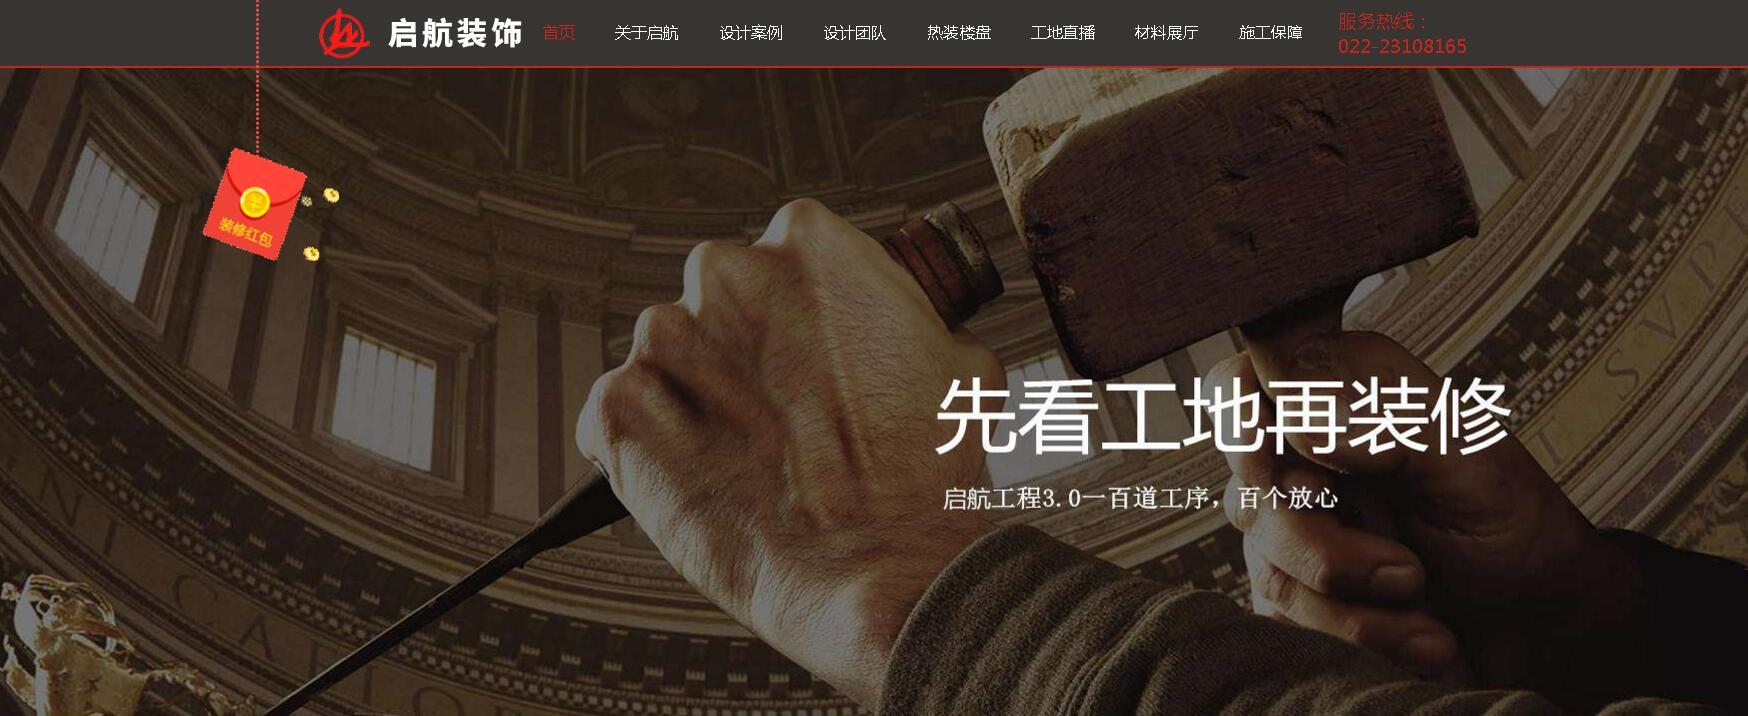 乐后屋装企营销平台热烈祝天津启航之家装饰2018新版官方网站上线